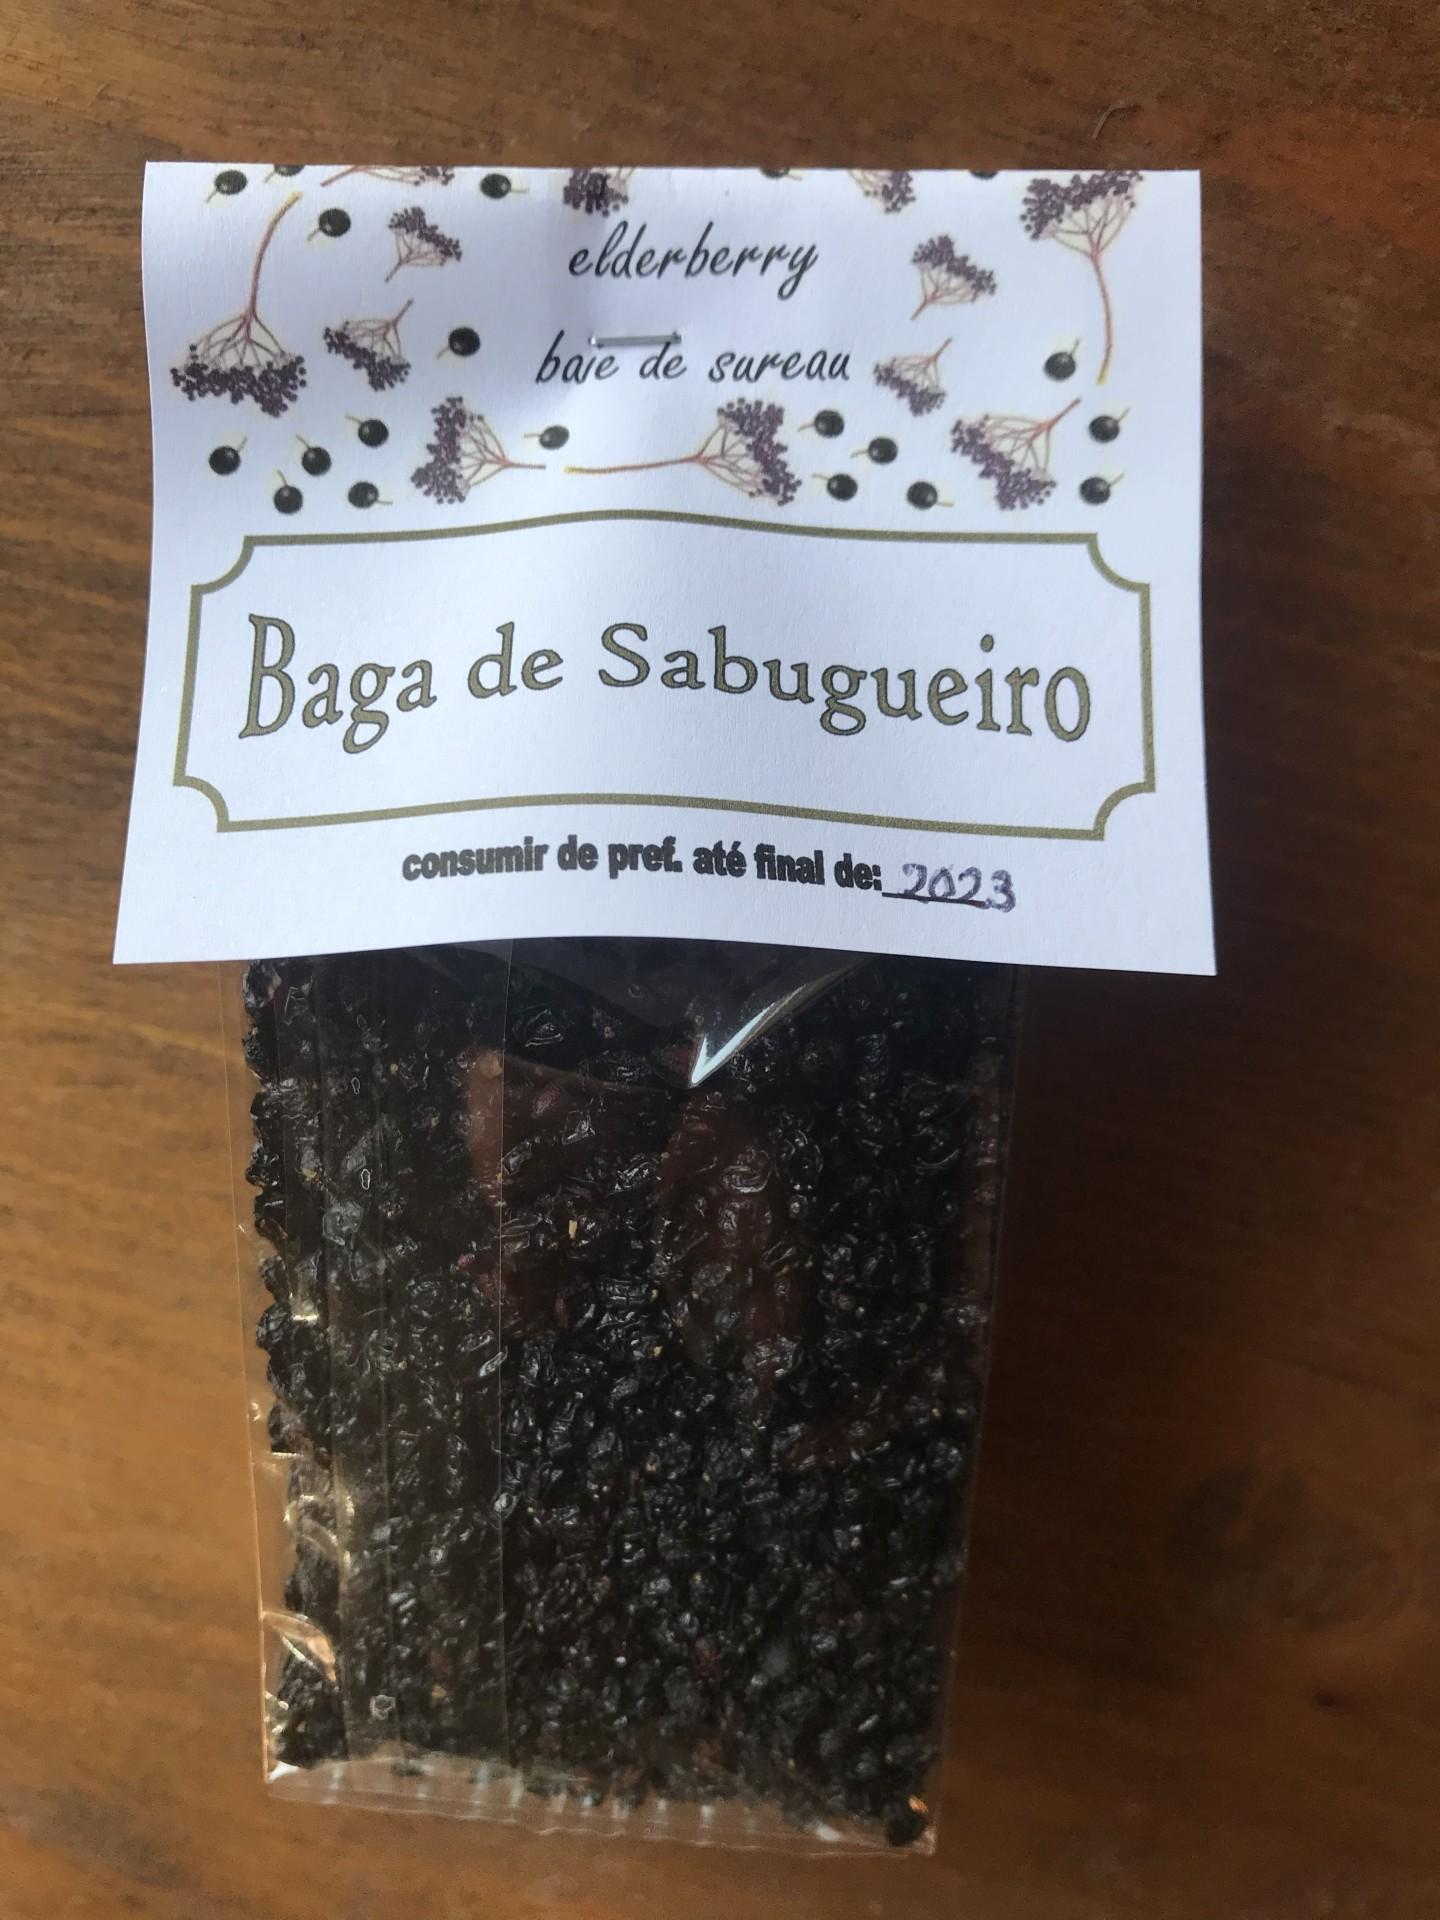 Baga de Sabugueiro